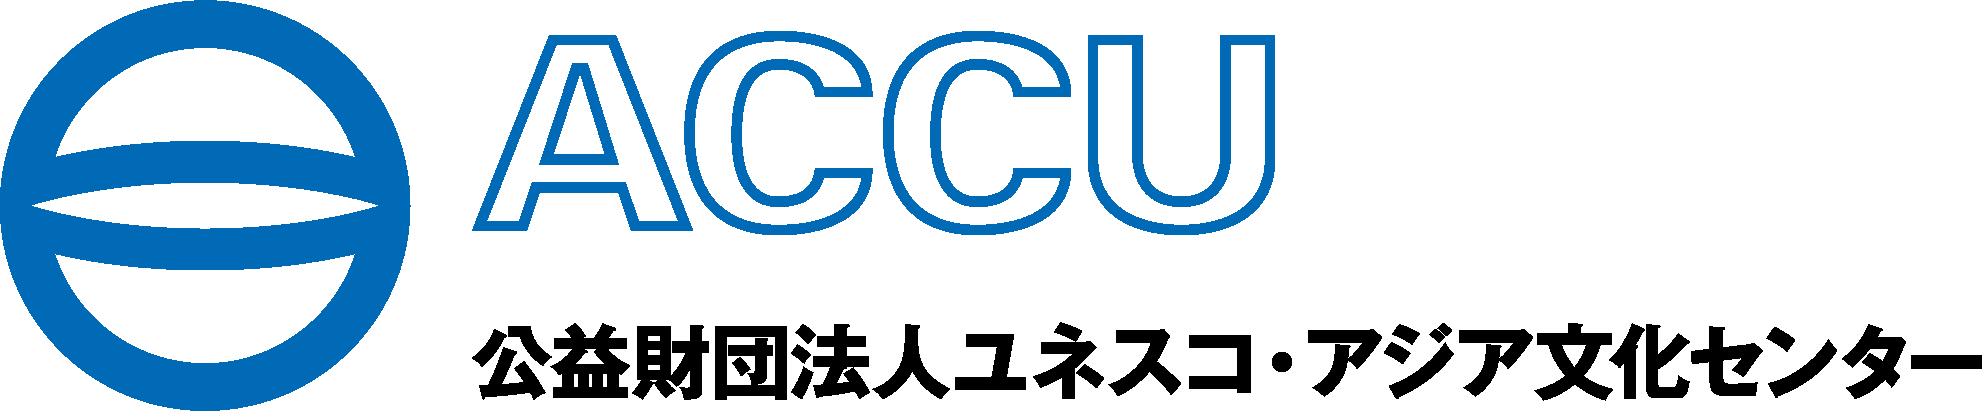 ACCU 公益財団法人ユネスコ・アジア文化センター